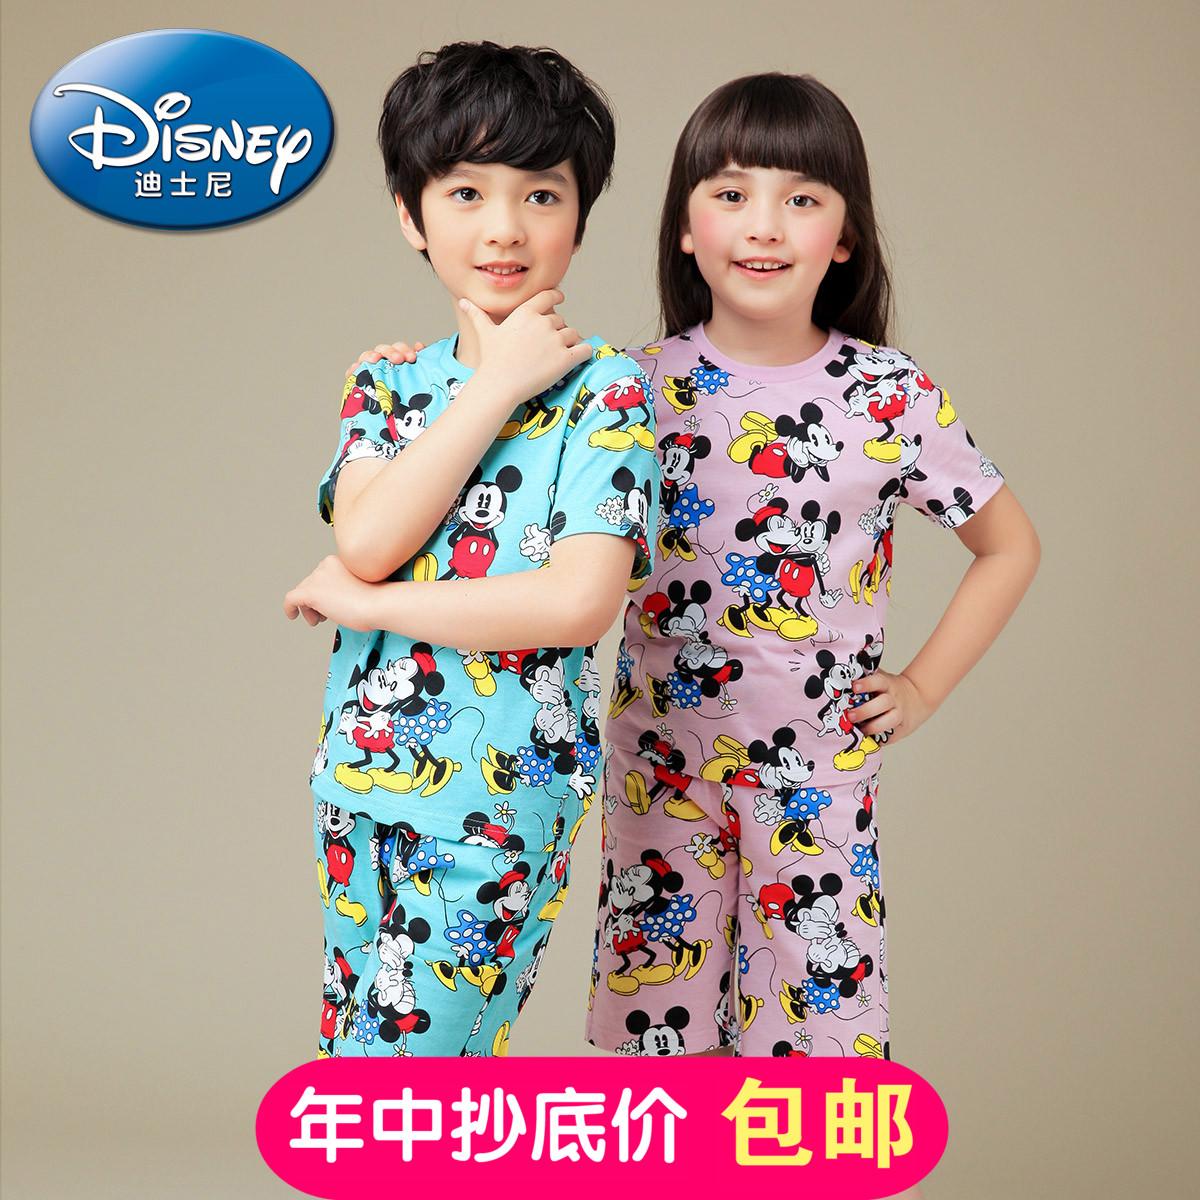 детский костюм Disney kx517010/1 2015 детский костюм 260 2015